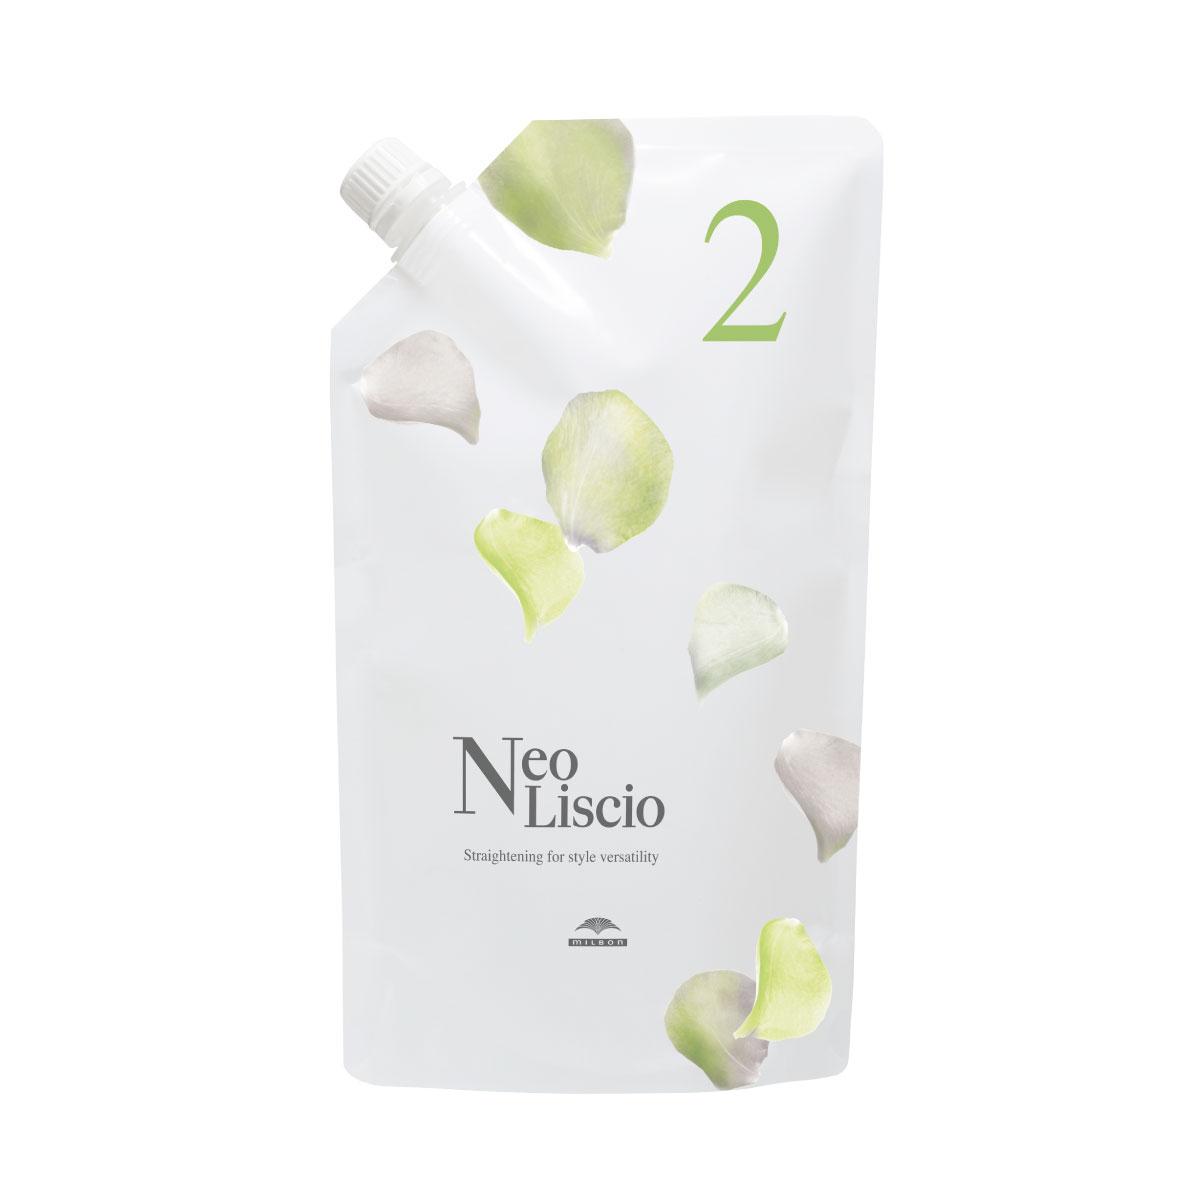 ミルボン ネオリシオ 2剤 (milbon neoliscio 2) image